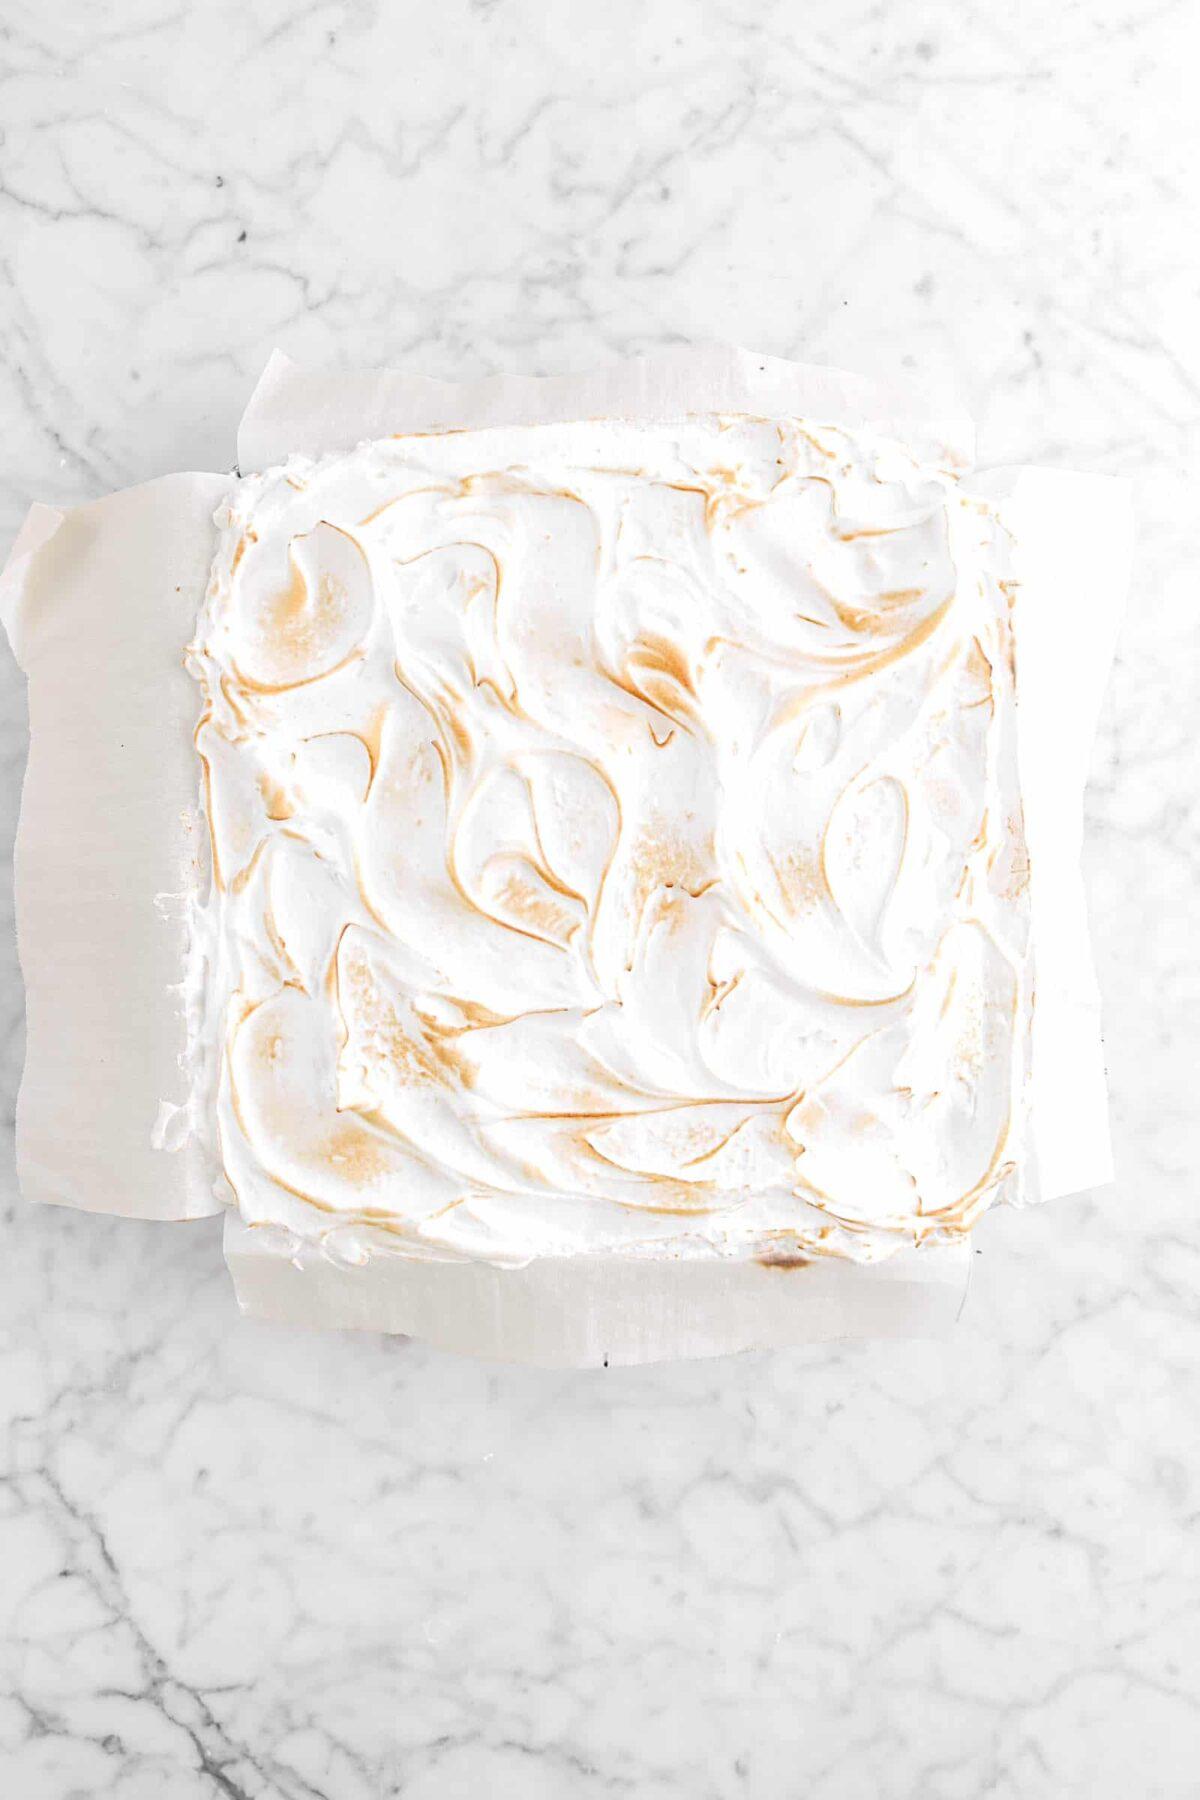 Meringue toasted on top of brownies